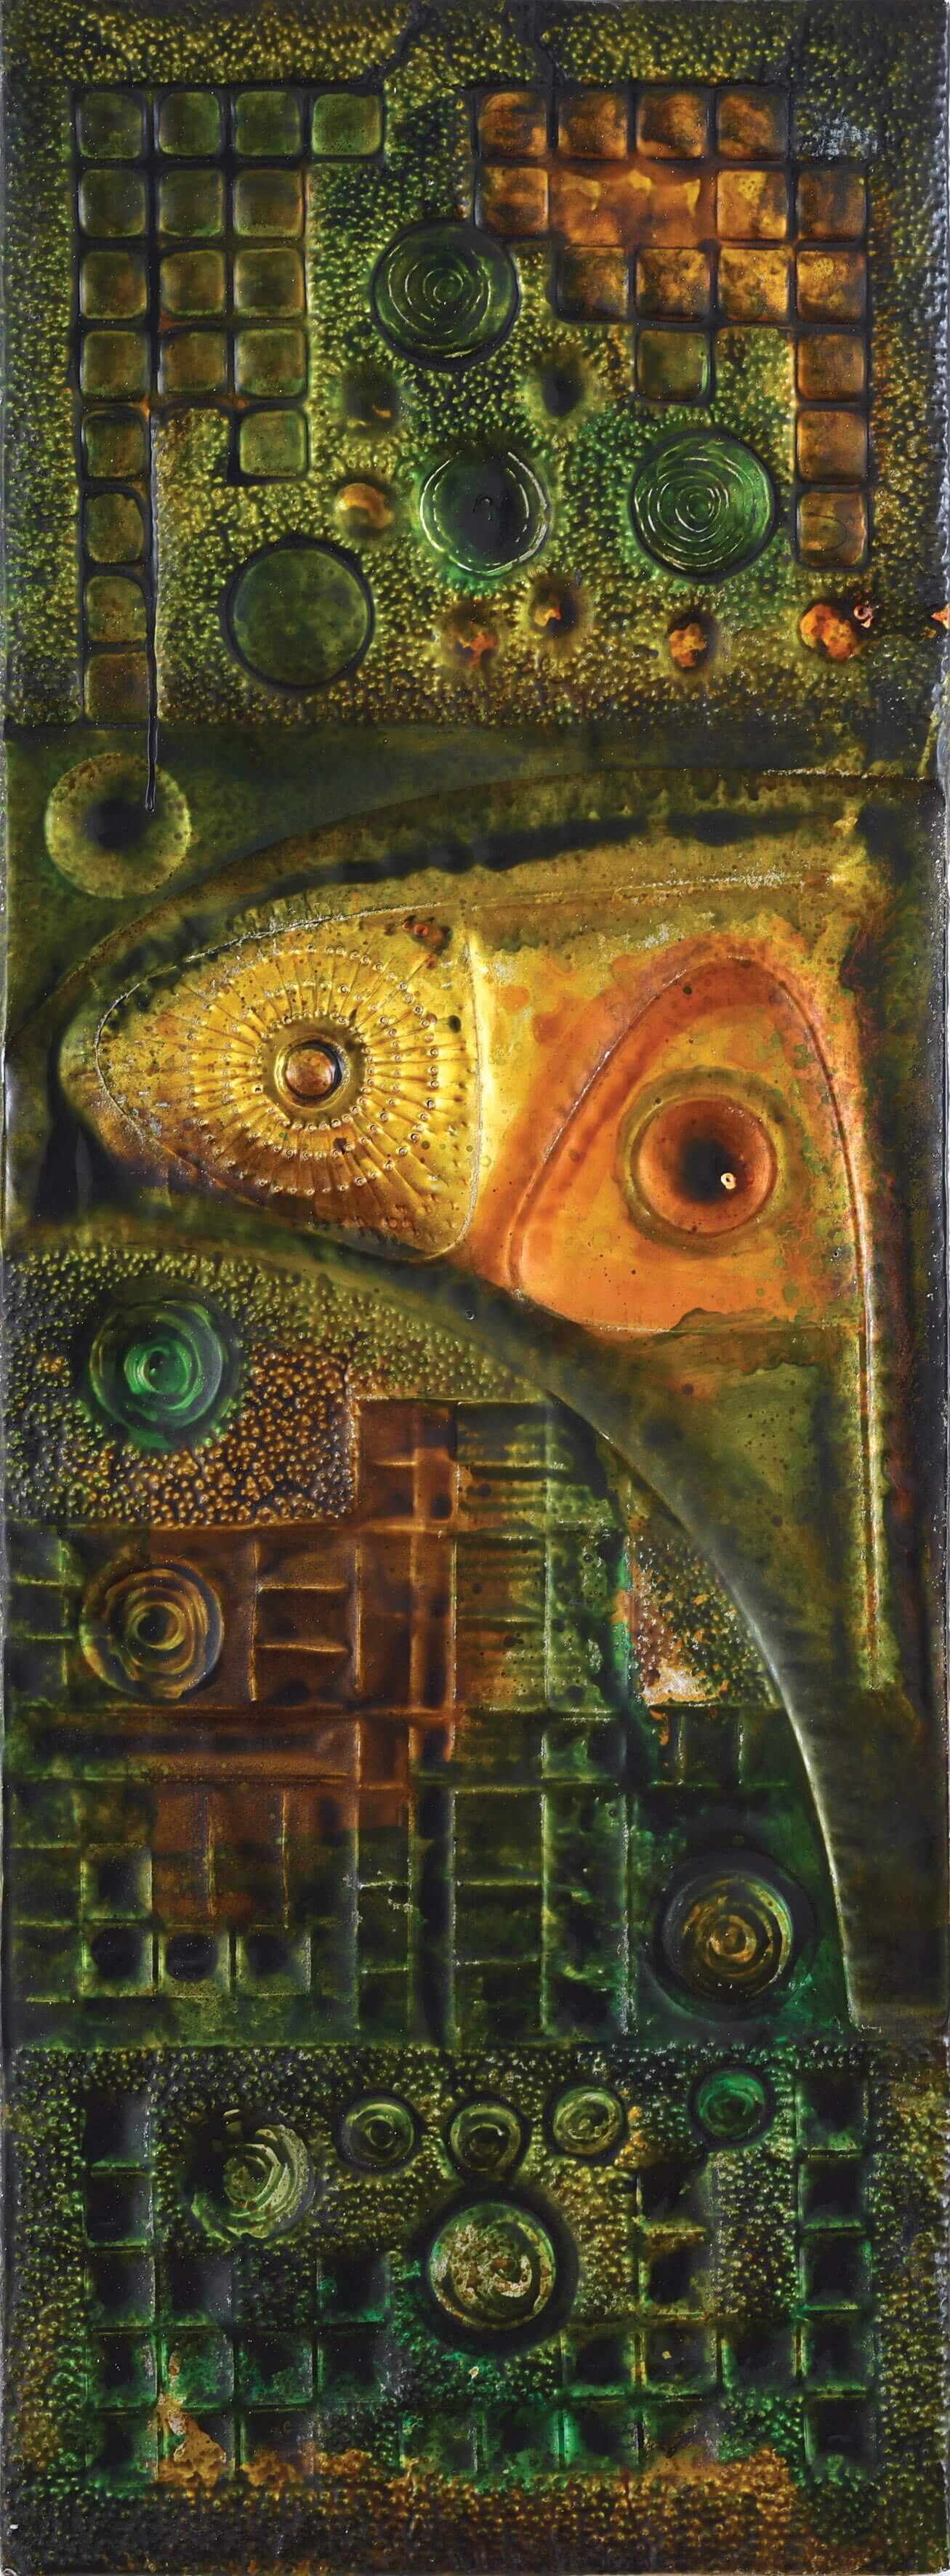 Vincent Hoisington (Singaporean, 1924-1972), 'Passacaglia', 1972, enamel paint, repoussé aluminium over wood panel, 151 x 55.5 x 3.5cm. Image courtesy of Bonhams.